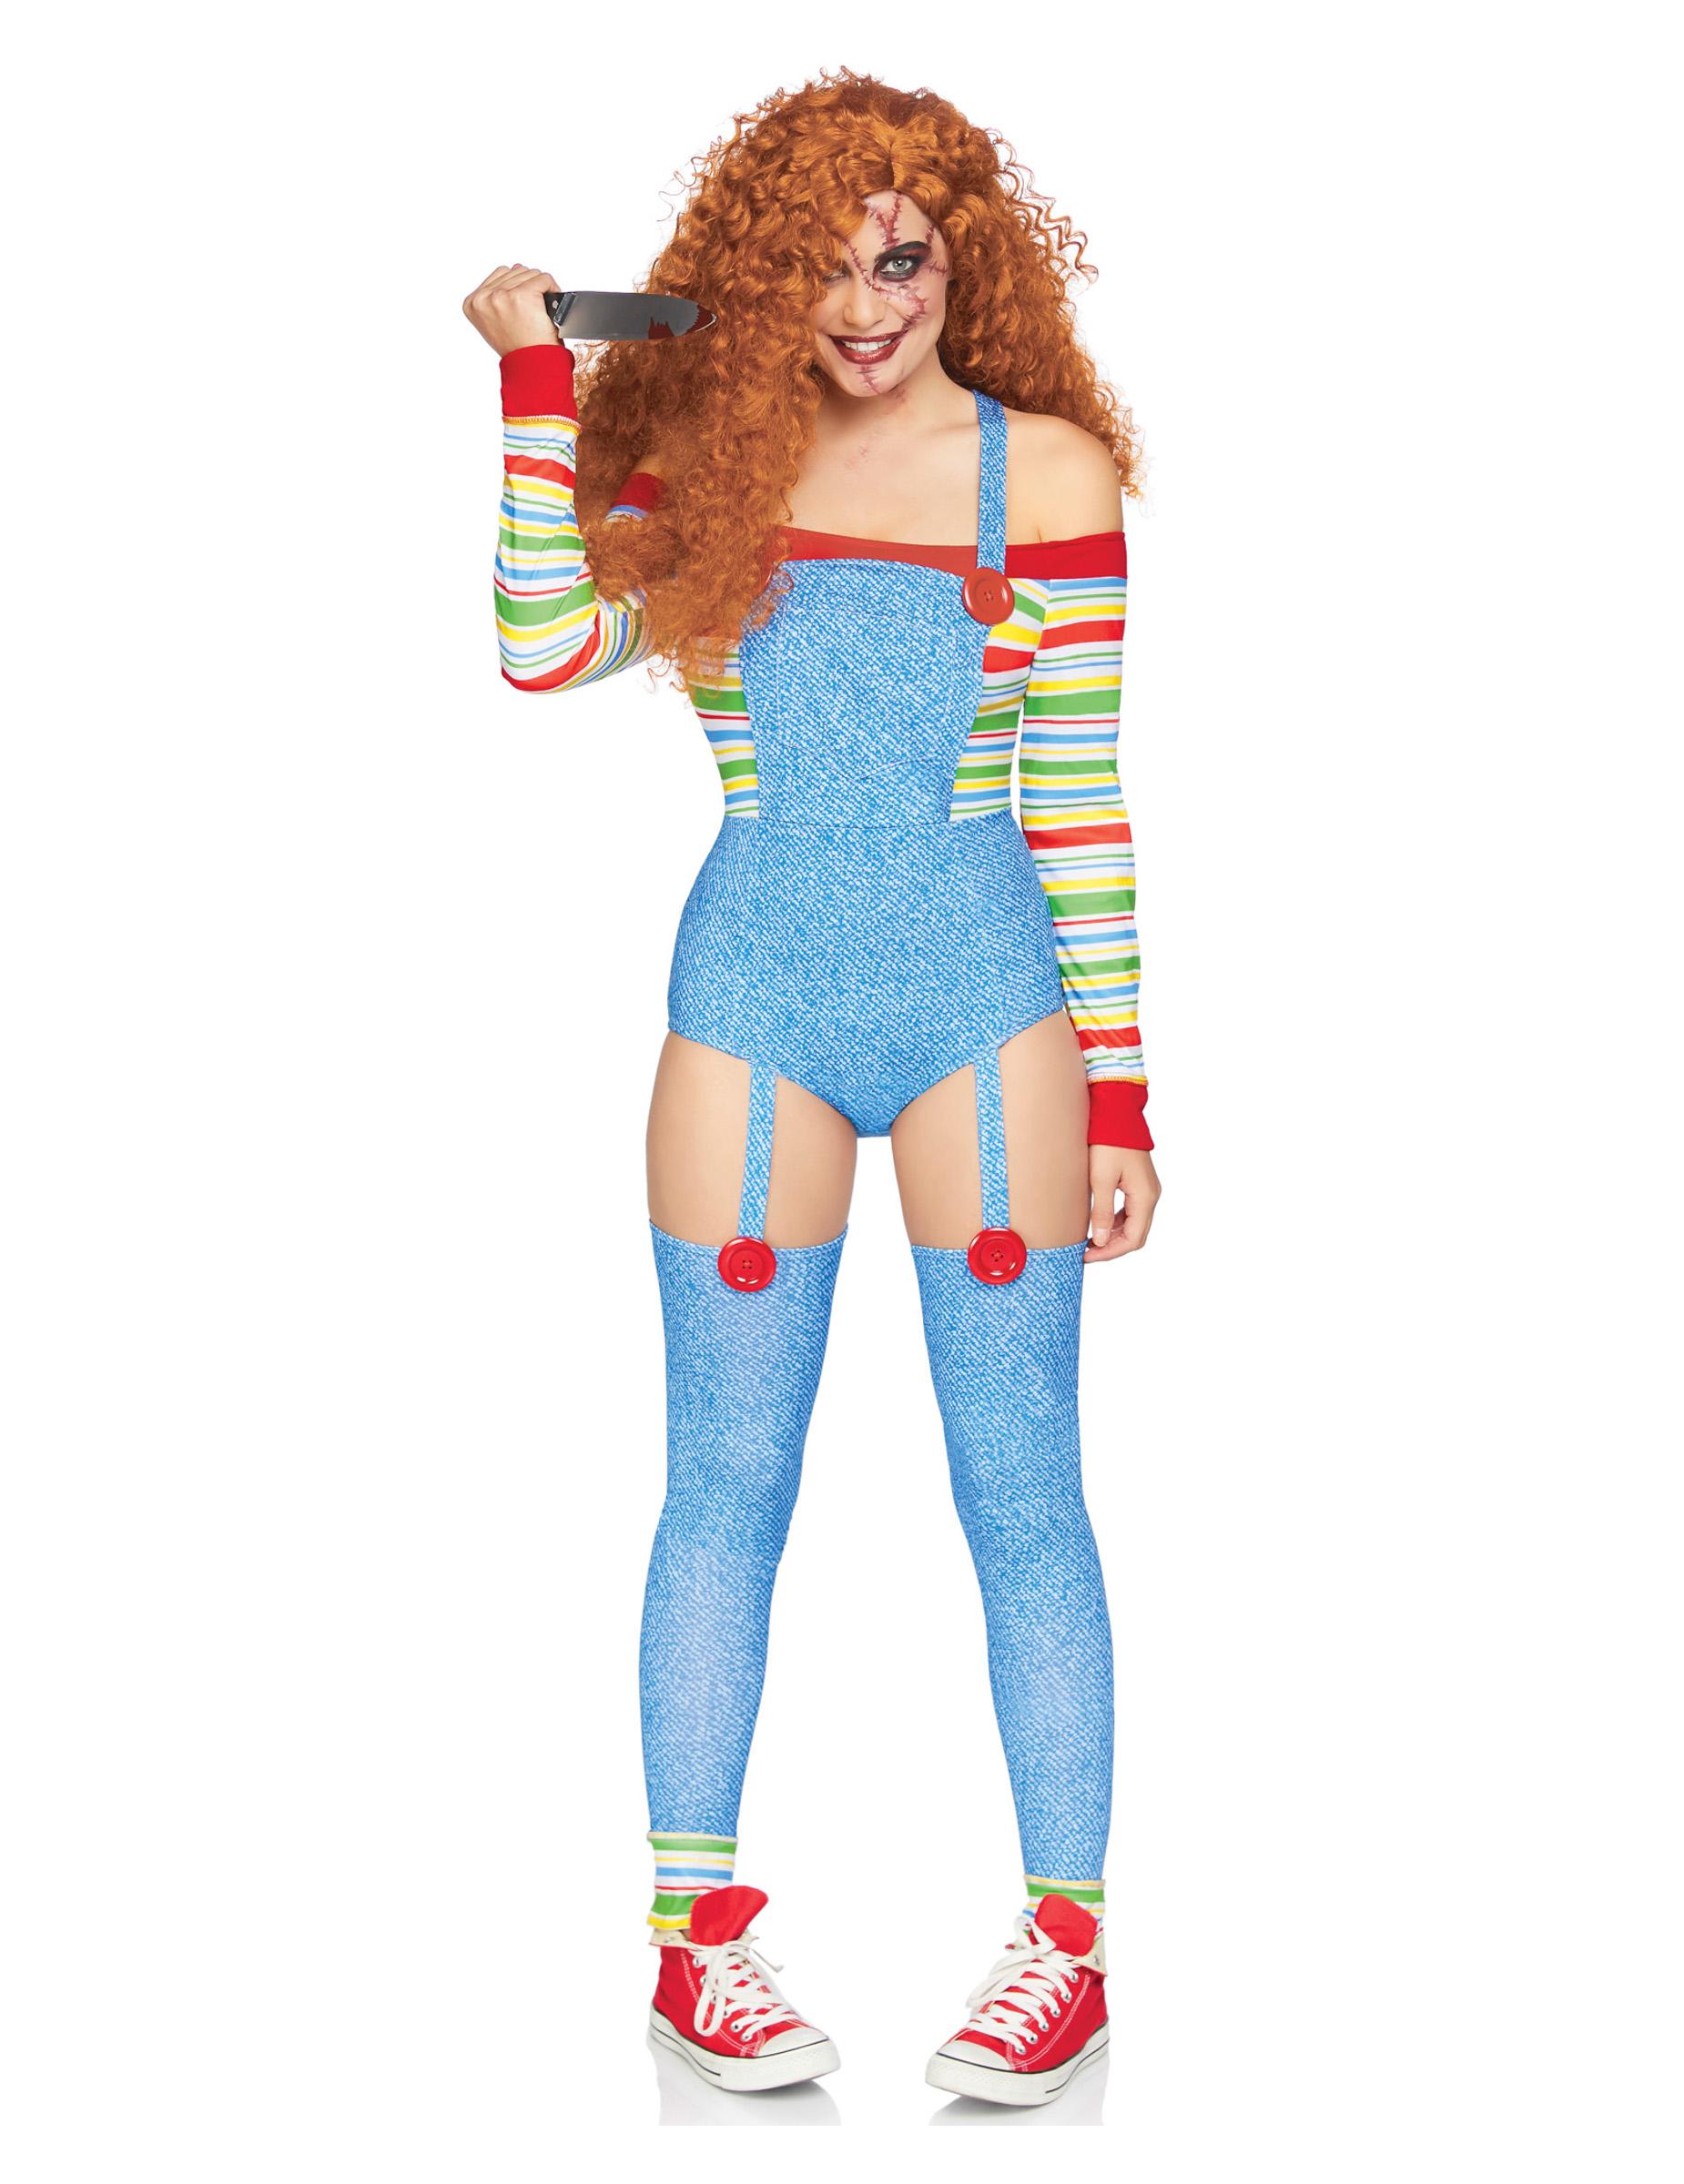 Hochwertiges Mörderpuppen Kostüm für Damen - M / L 293507